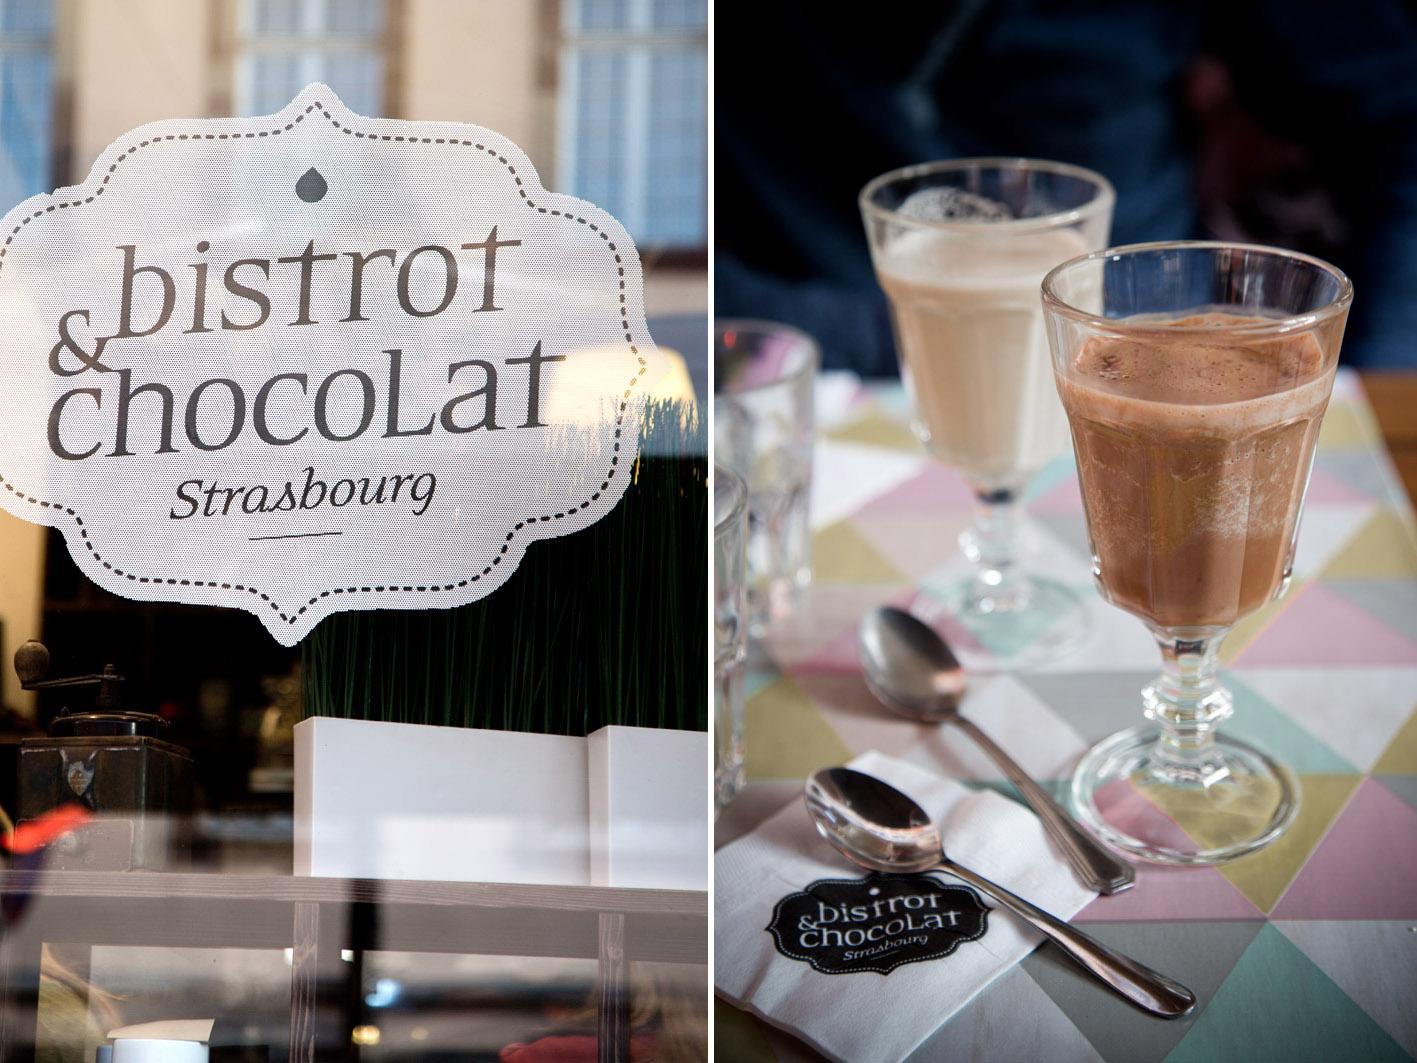 bistrot et chocolate strassburg